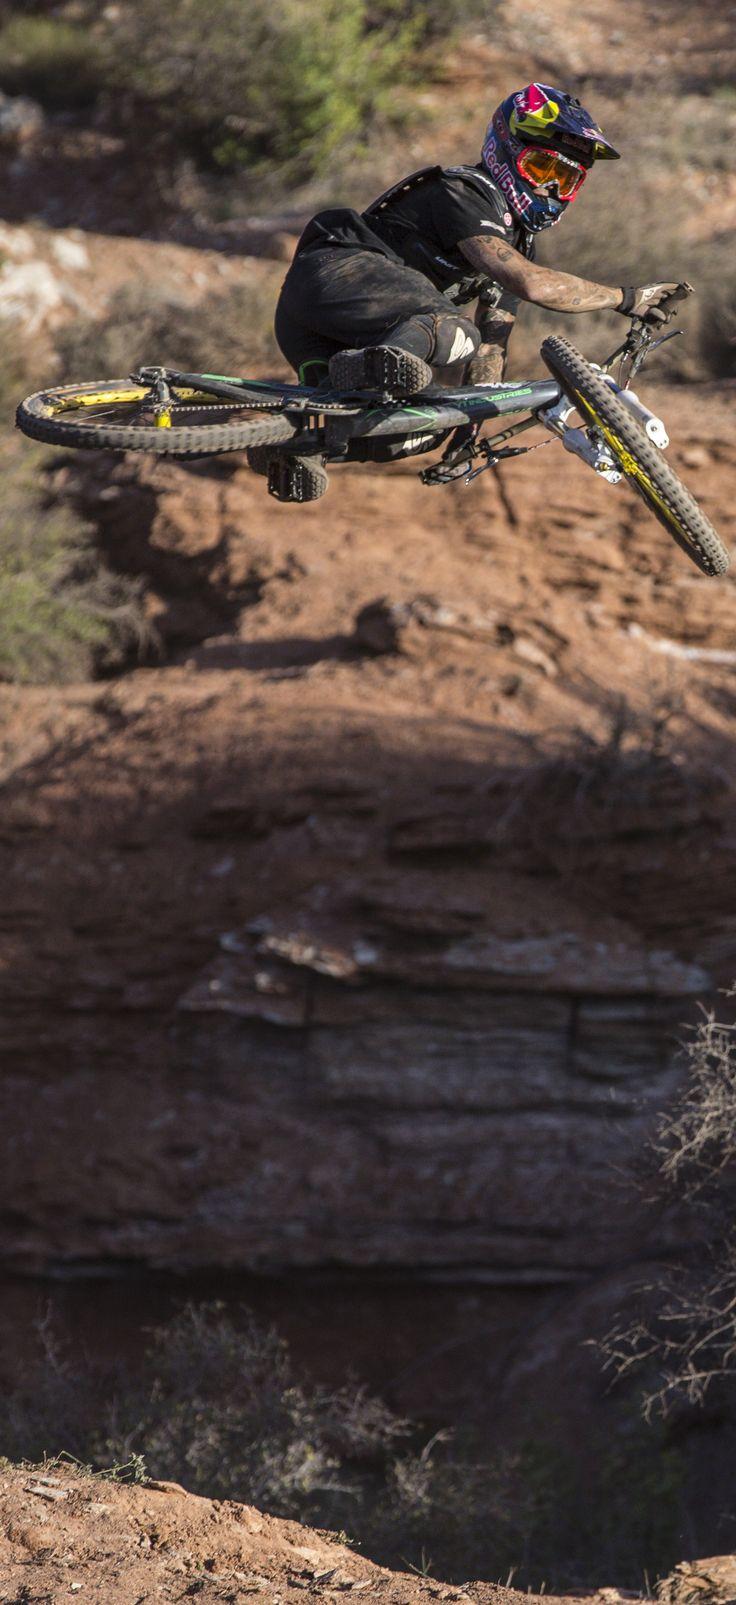 The whips don't lie...  #video #redbull #bike